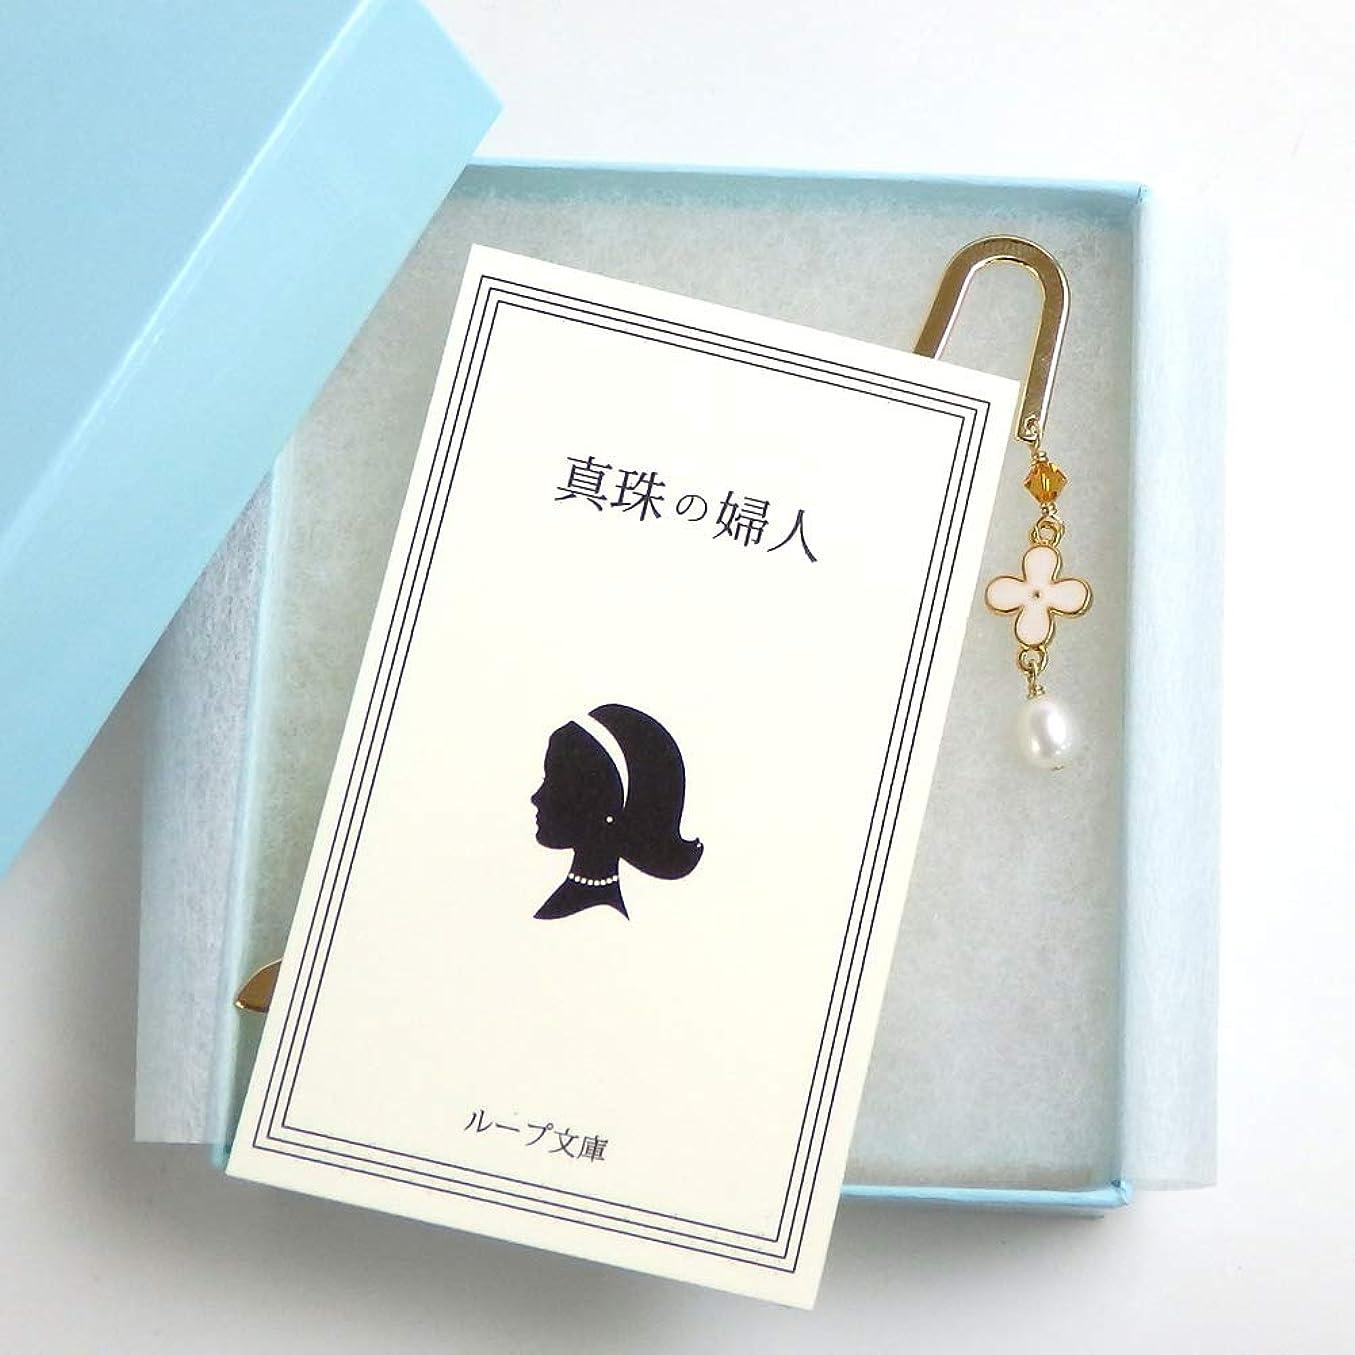 国十分な検体ギフトケース付き しおり ブックマーカー ホワイトフラワー オレンジスワロフスキー 淡水パール ゴールドカラー 金属 メタル 栞 真珠の夫人